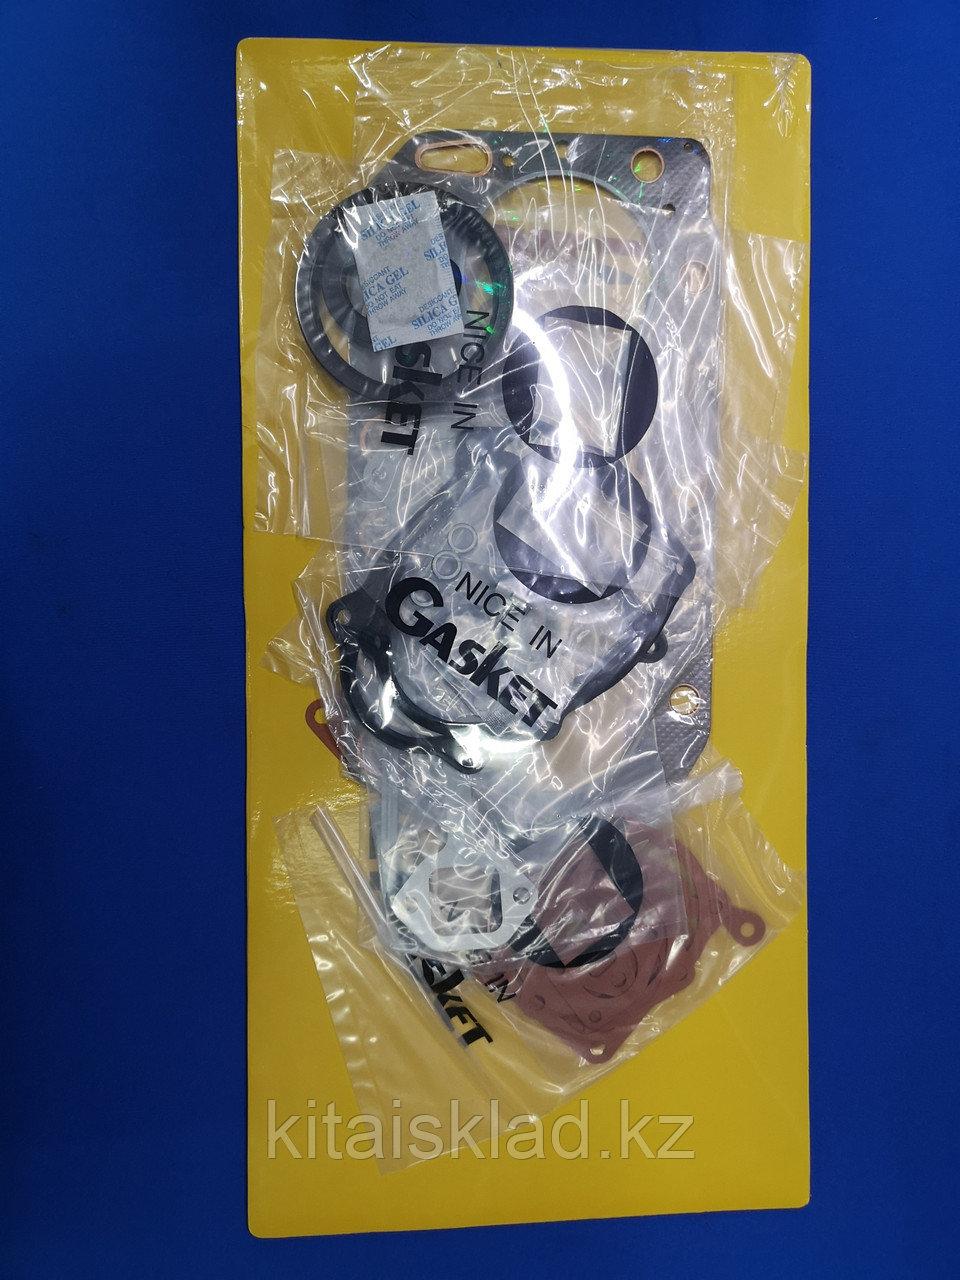 Ремкомплект прокладок 3TN100 YANMAR 719032-92600